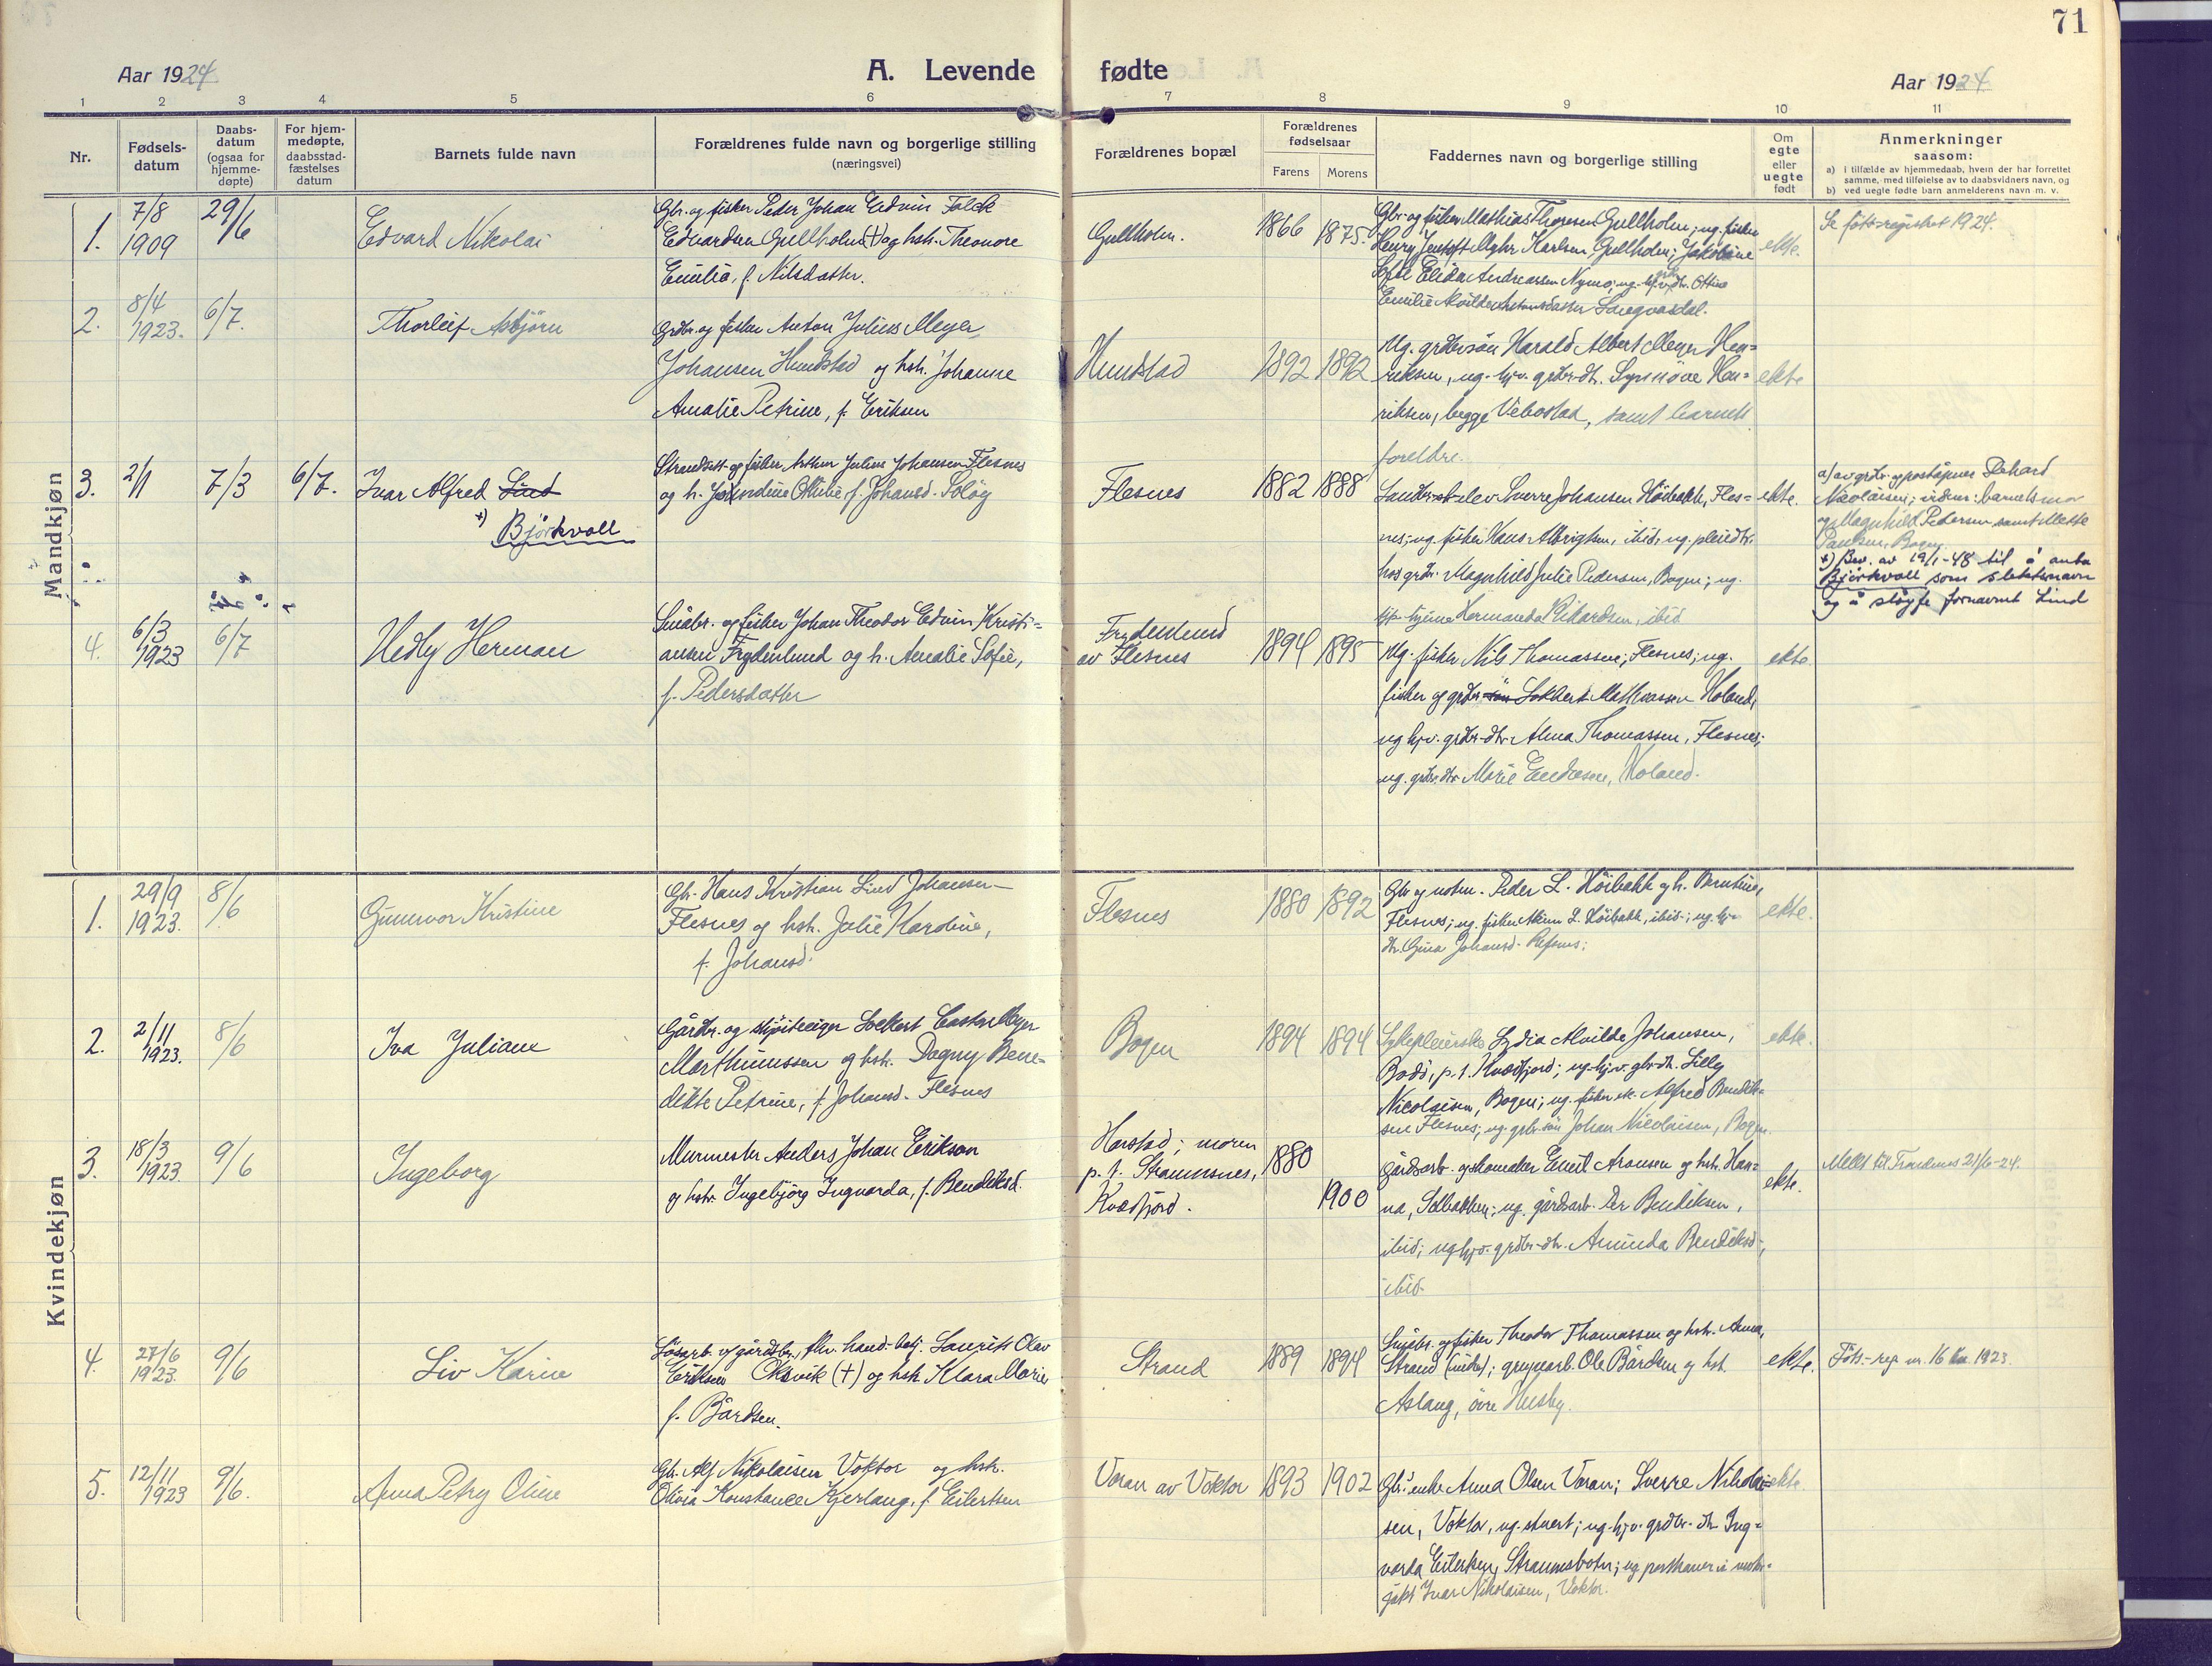 SATØ, Kvæfjord sokneprestkontor, G/Ga/Gaa/L0007kirke: Ministerialbok nr. 7, 1915-1931, s. 71